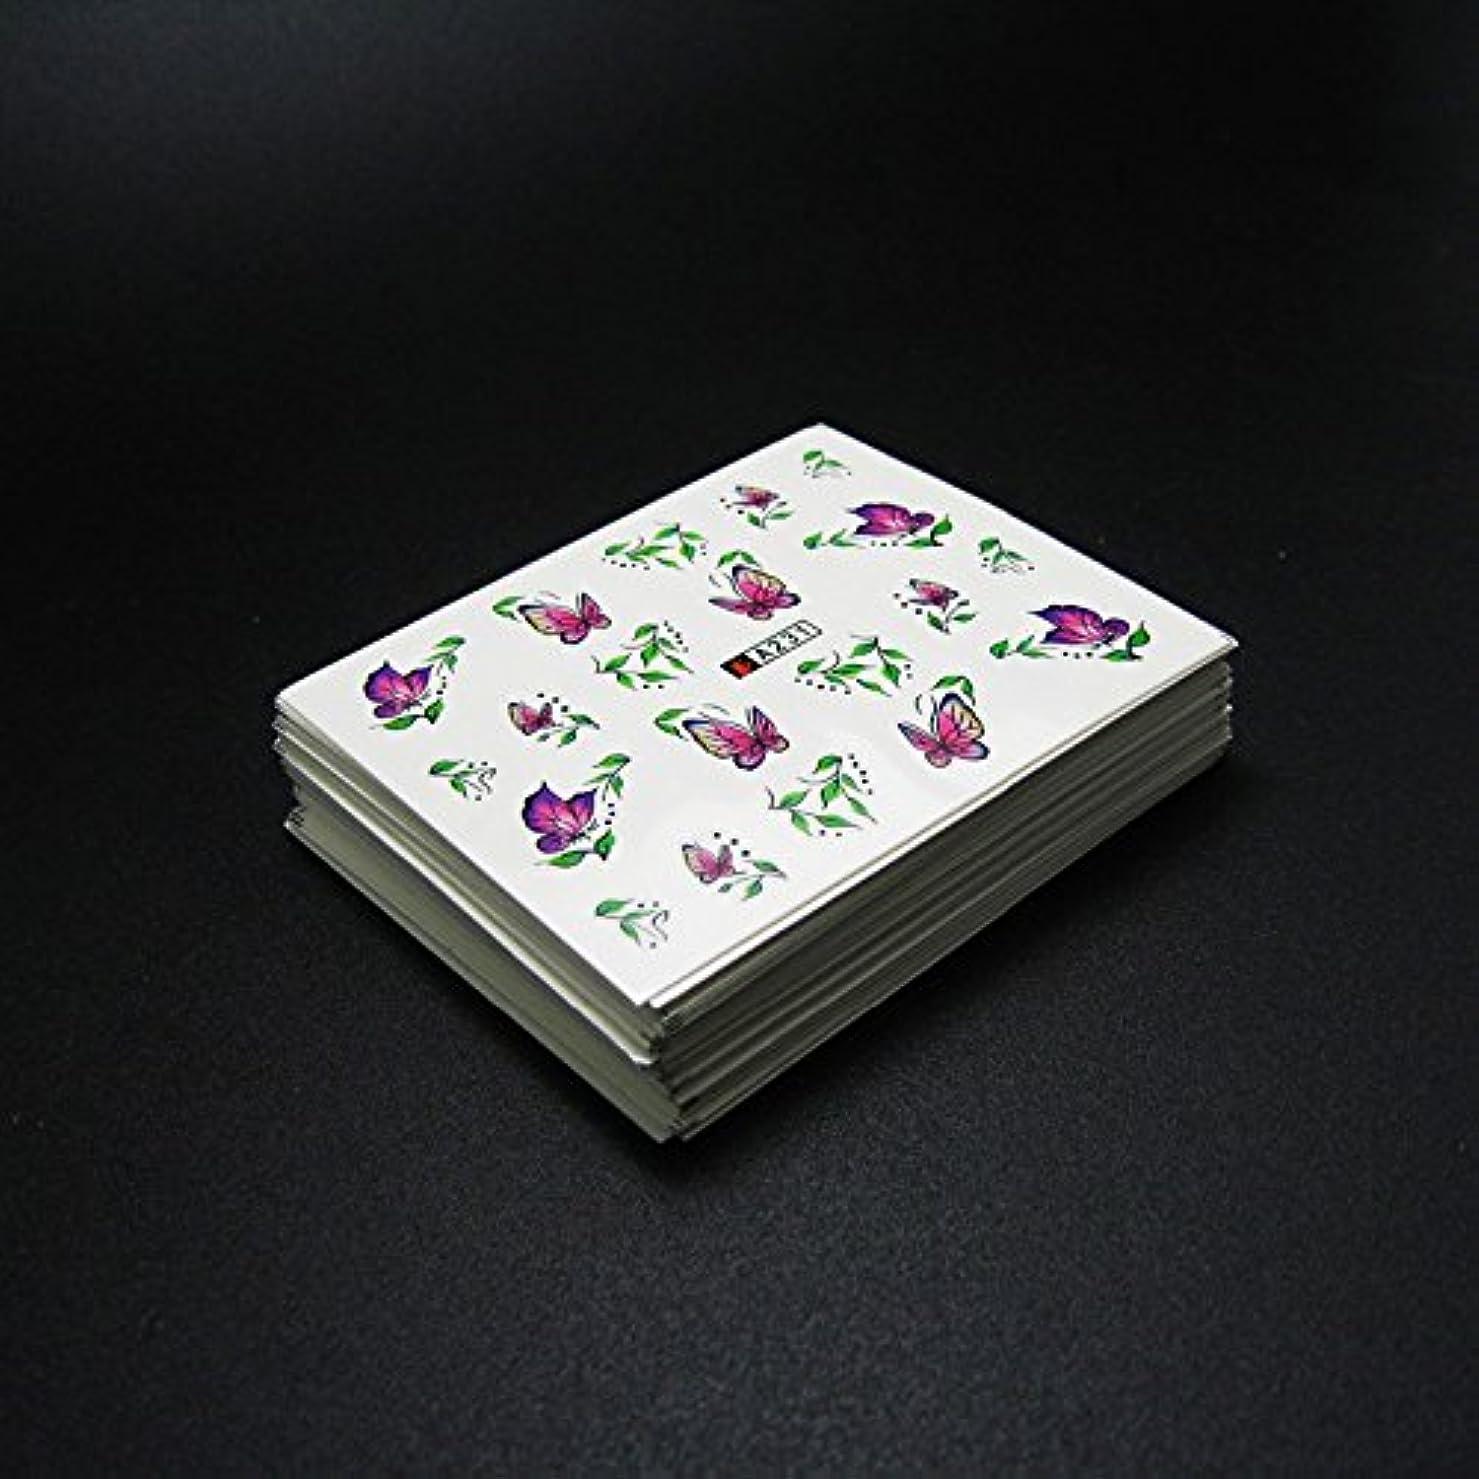 気をつけてミシンハッチ50枚ネイルシールの花混在デザイン水転送ネイルアートステッカーウォーターマークデカールDIYデコレーション美容爪用ツール